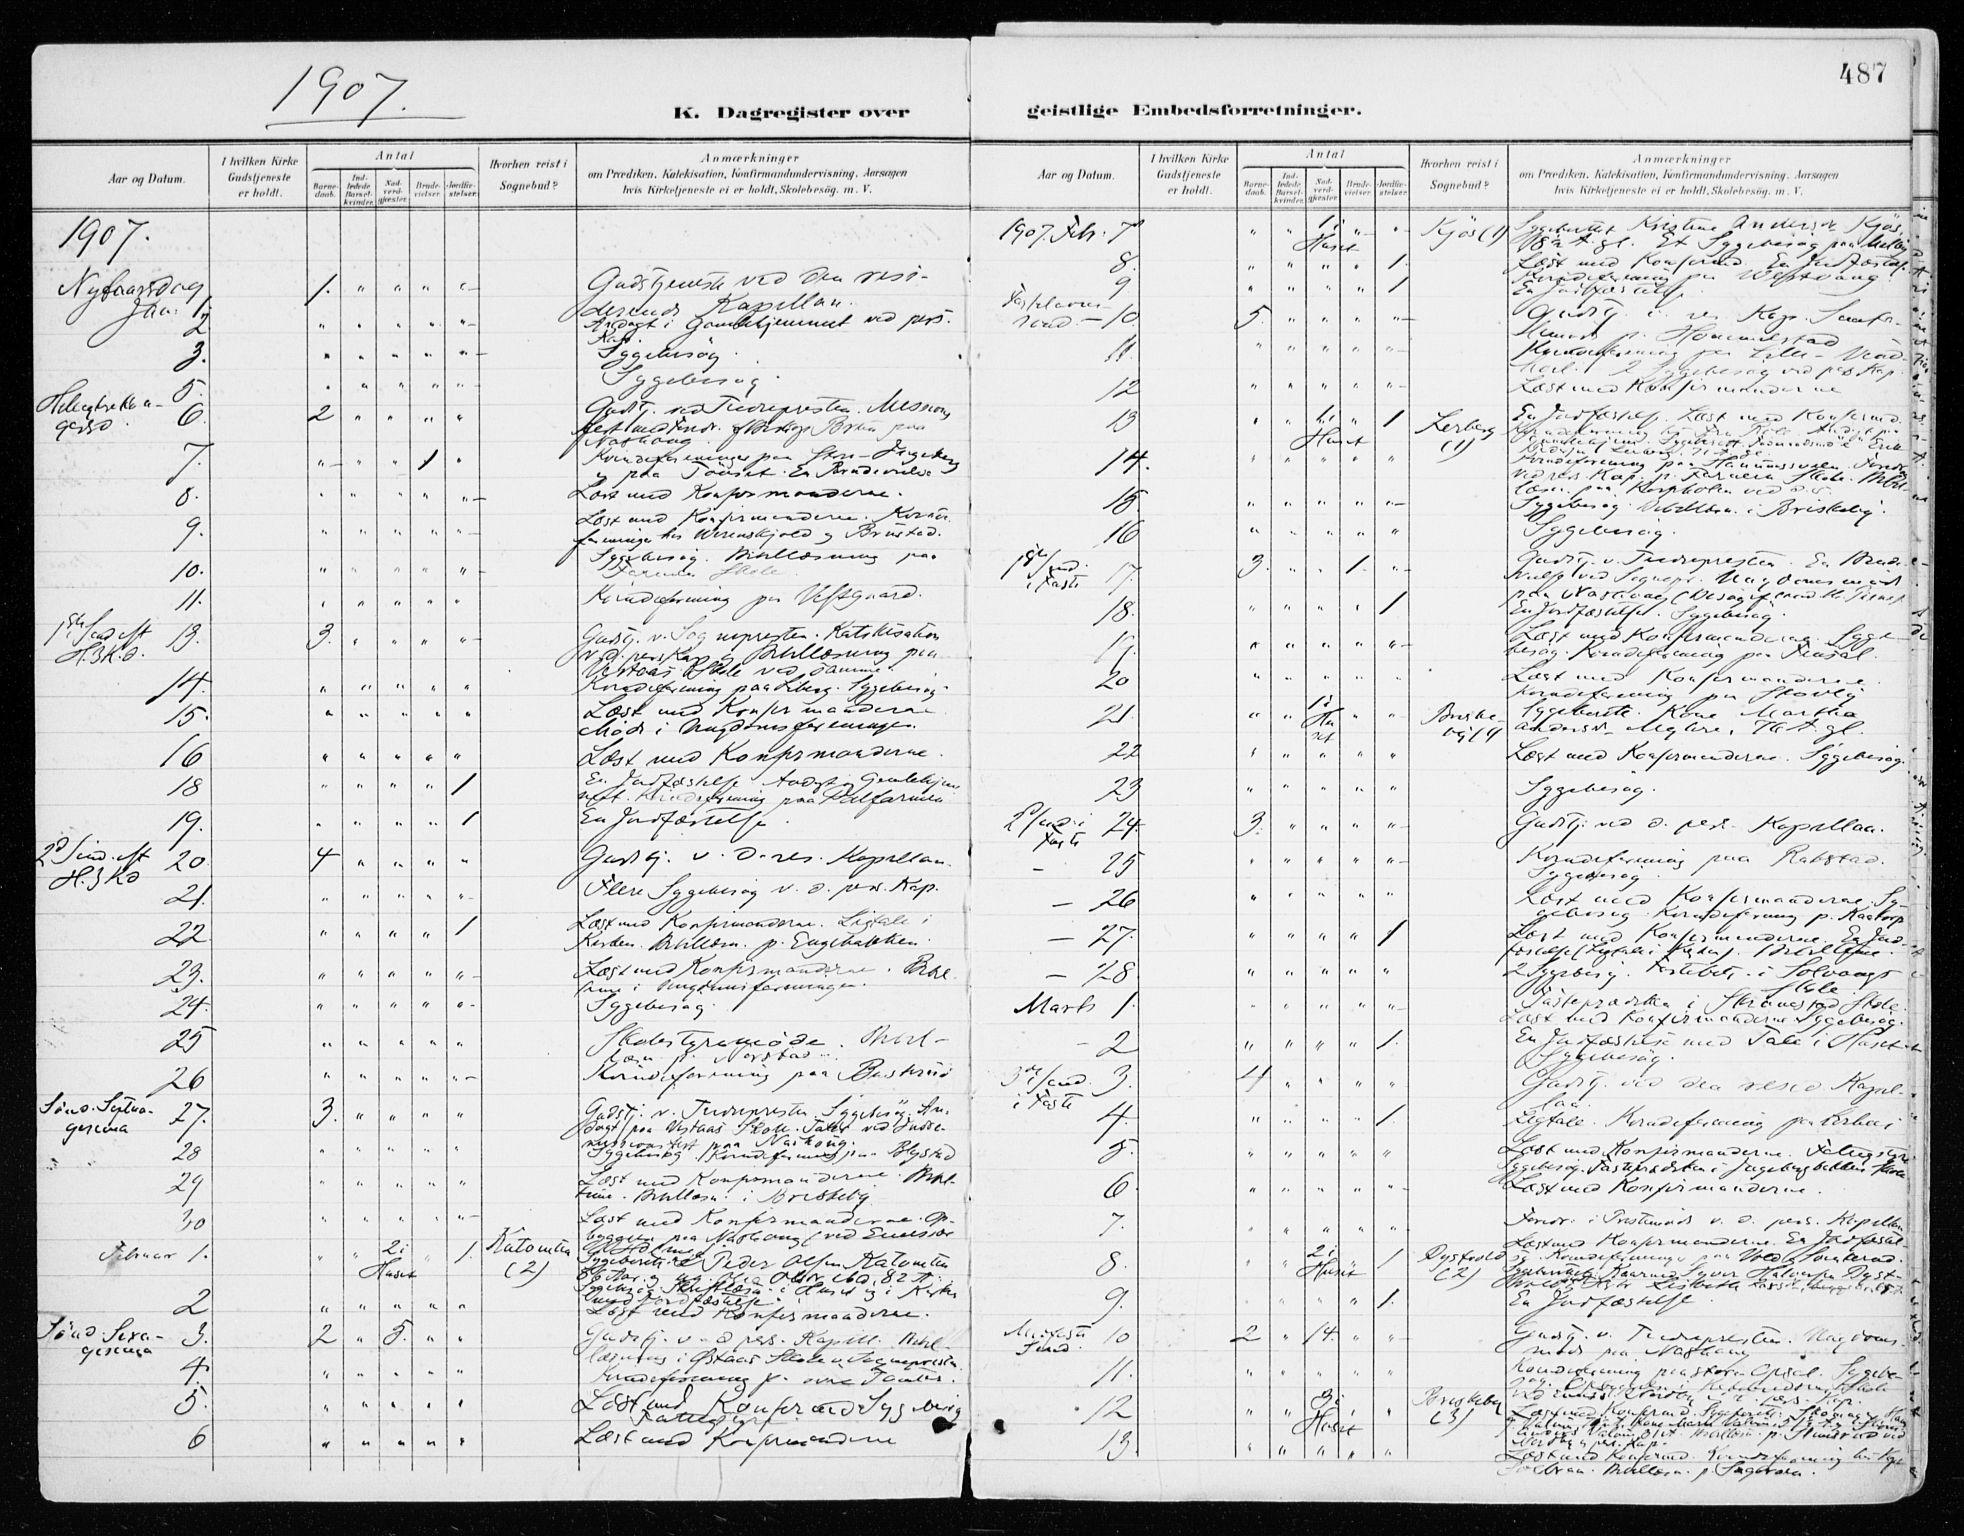 SAH, Vang prestekontor, Hedmark, H/Ha/Haa/L0021: Ministerialbok nr. 21, 1902-1917, s. 487